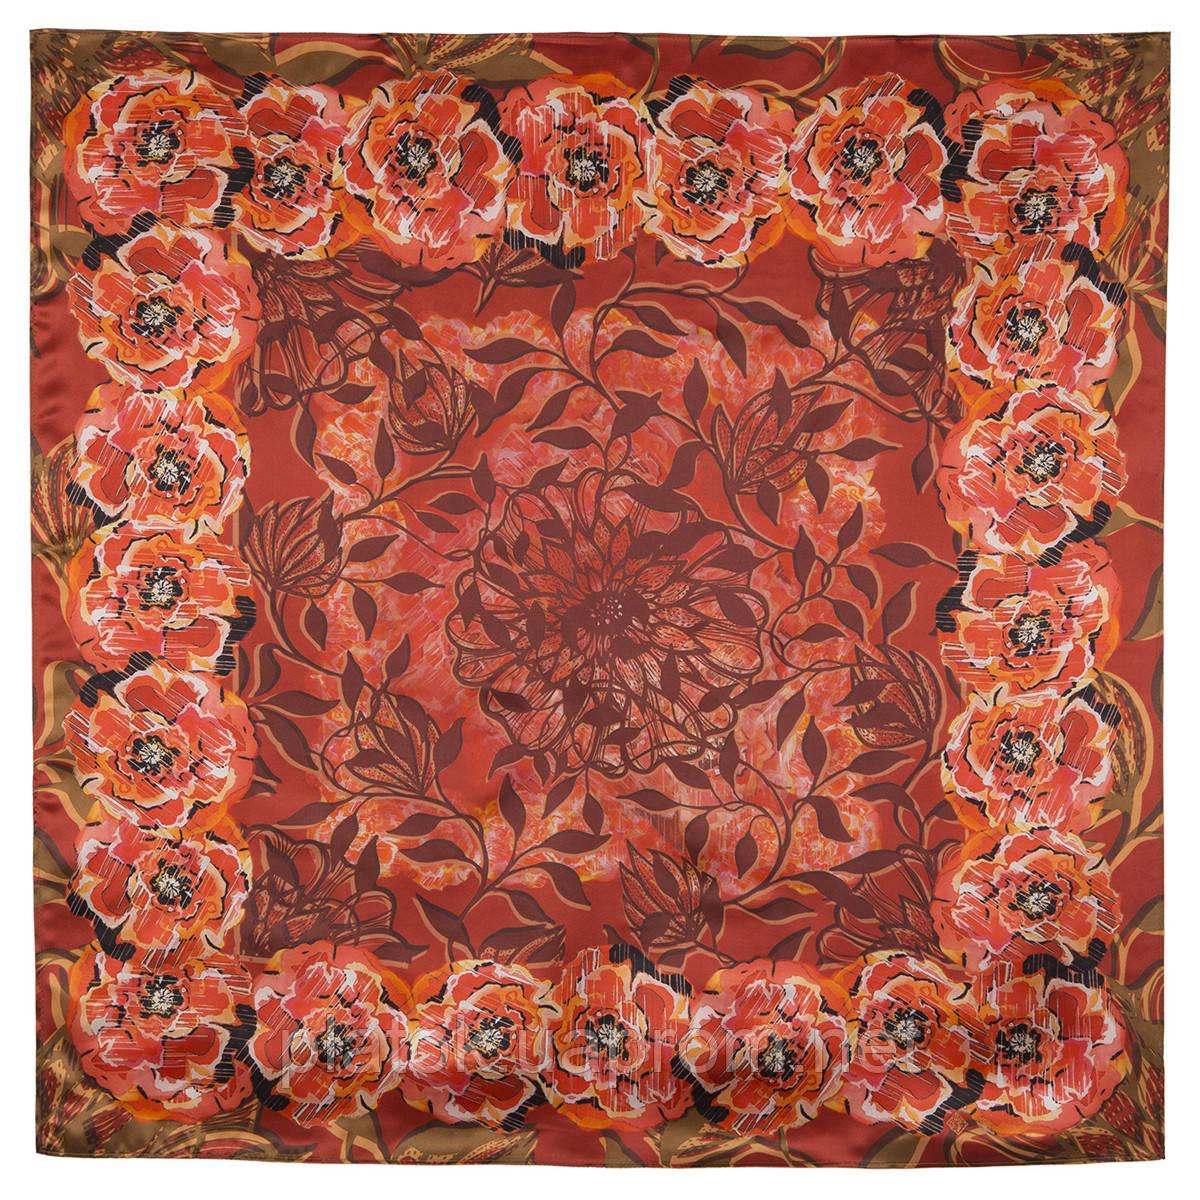 Платок шелковый (атлас) 10153-5, павлопосадский платок (атласный) шелковый с подрубкой